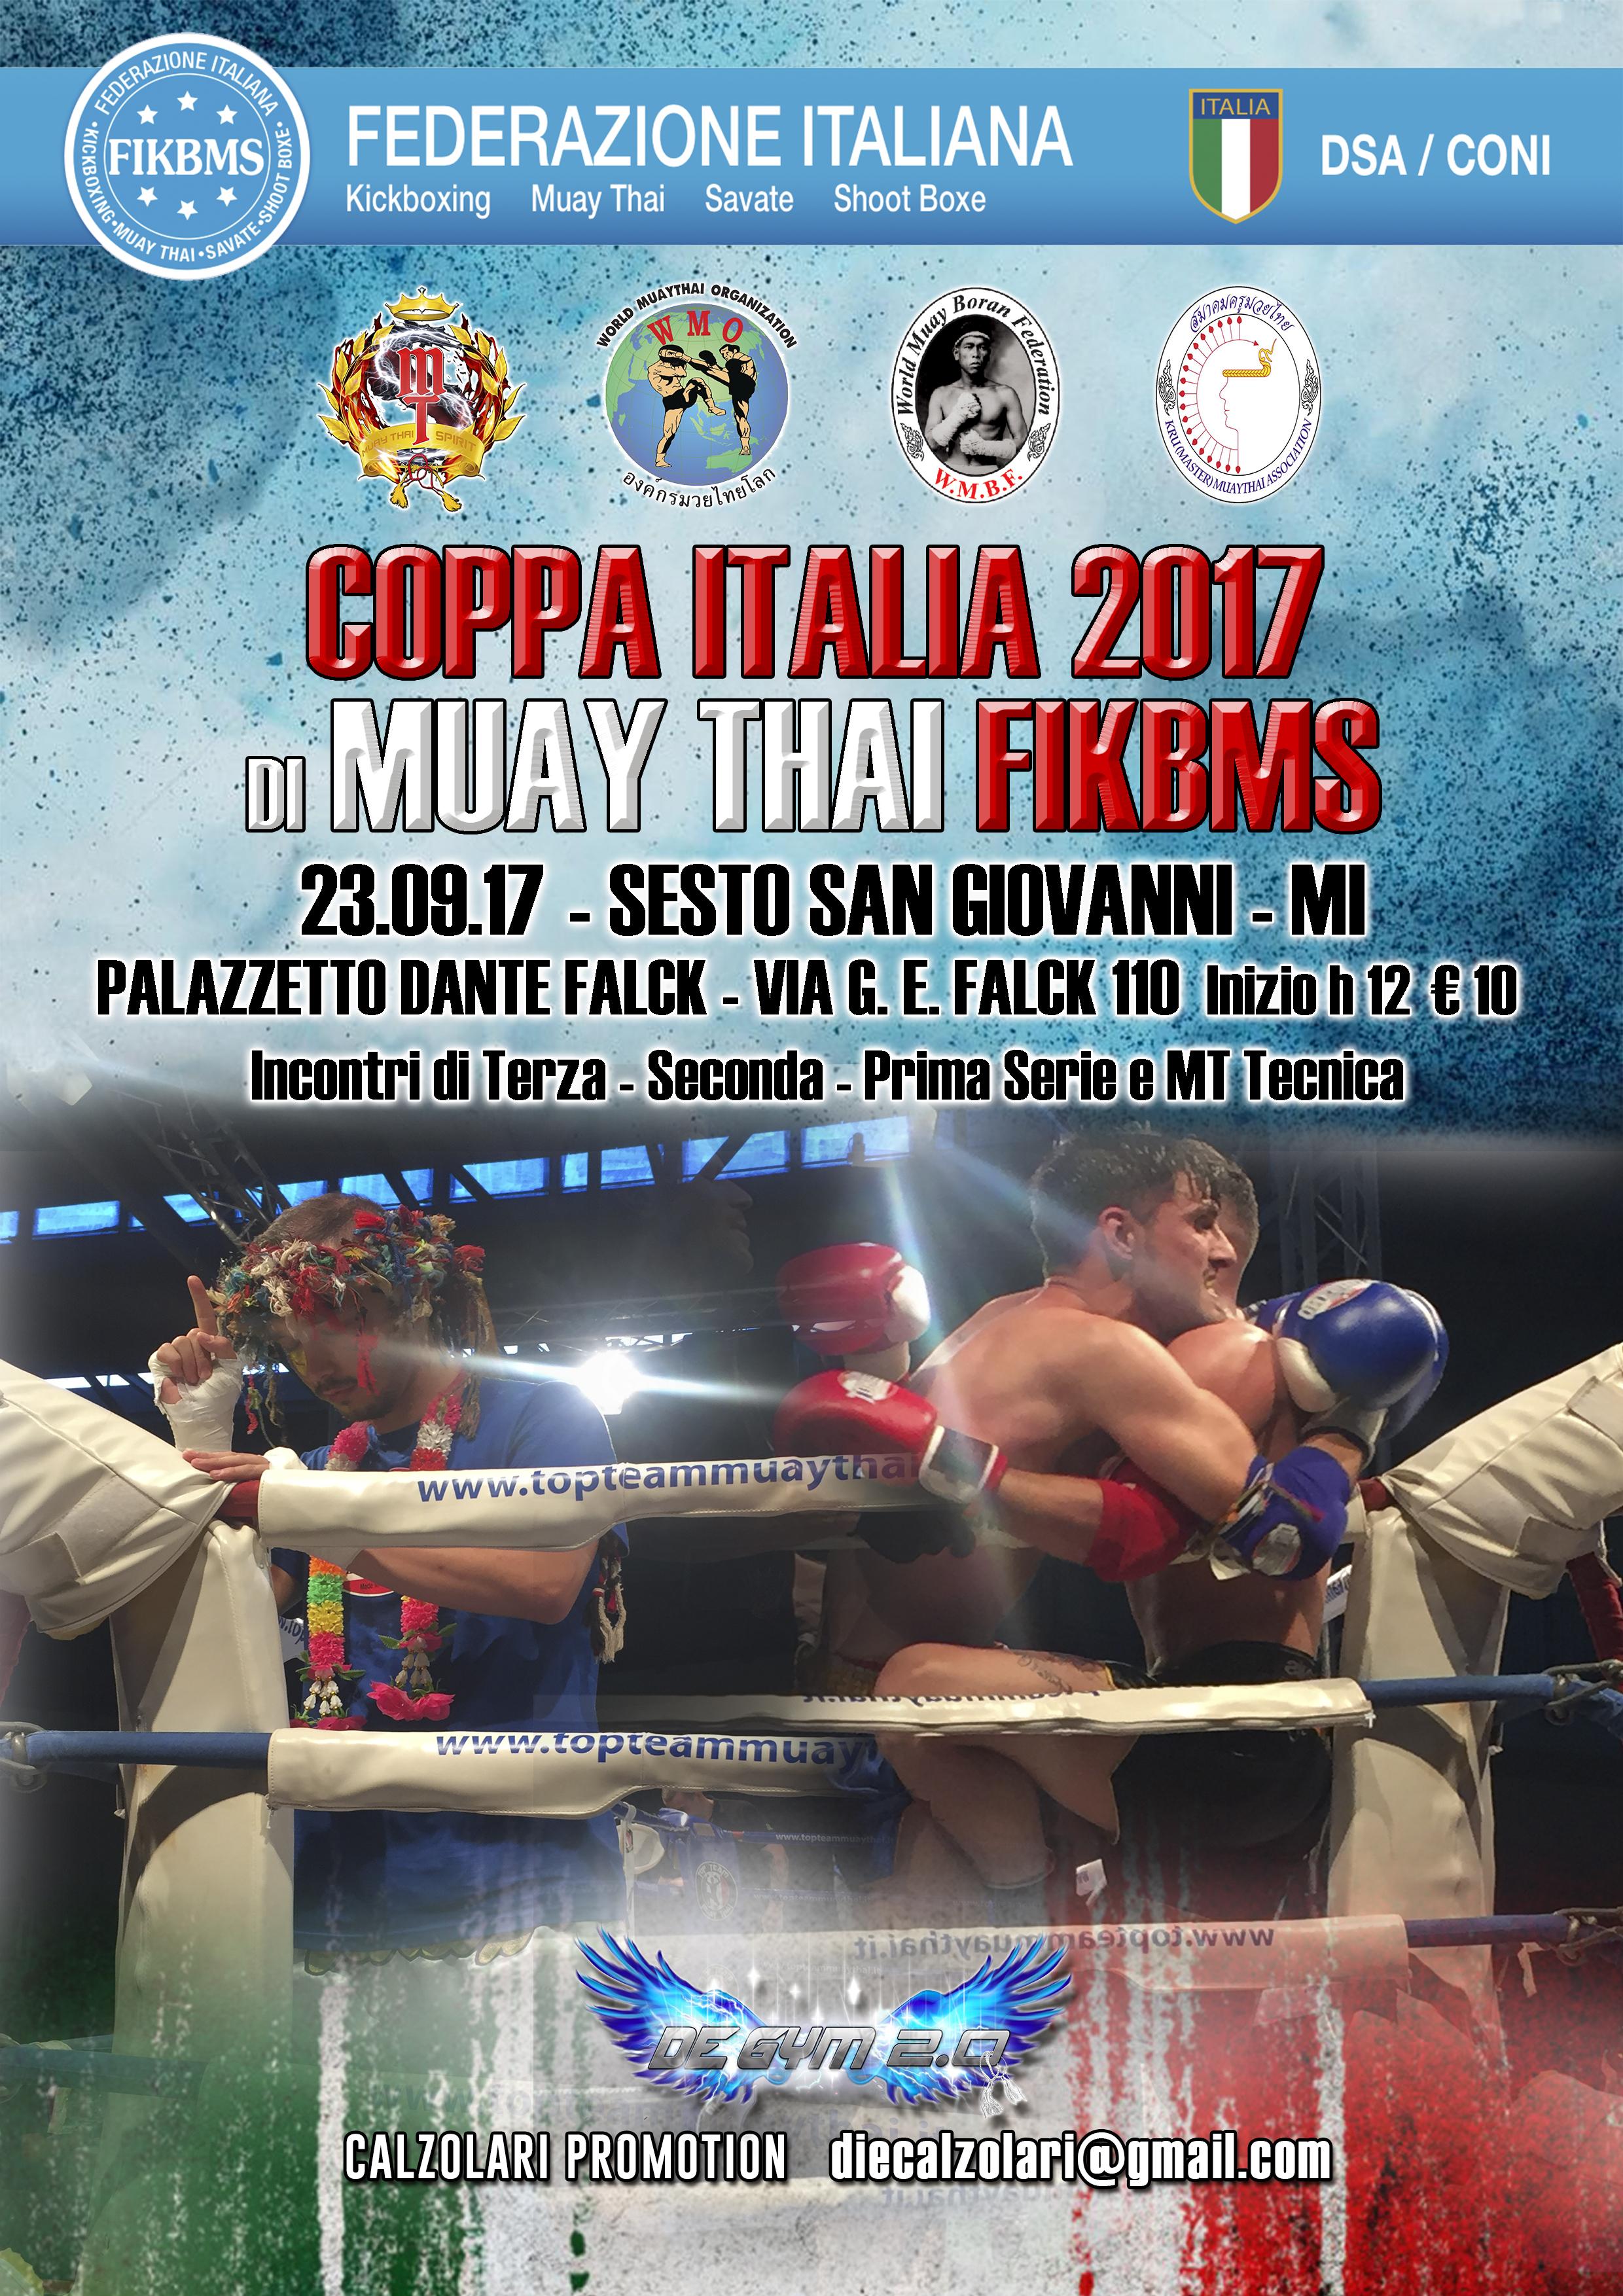 COPPA ITALIA 2017